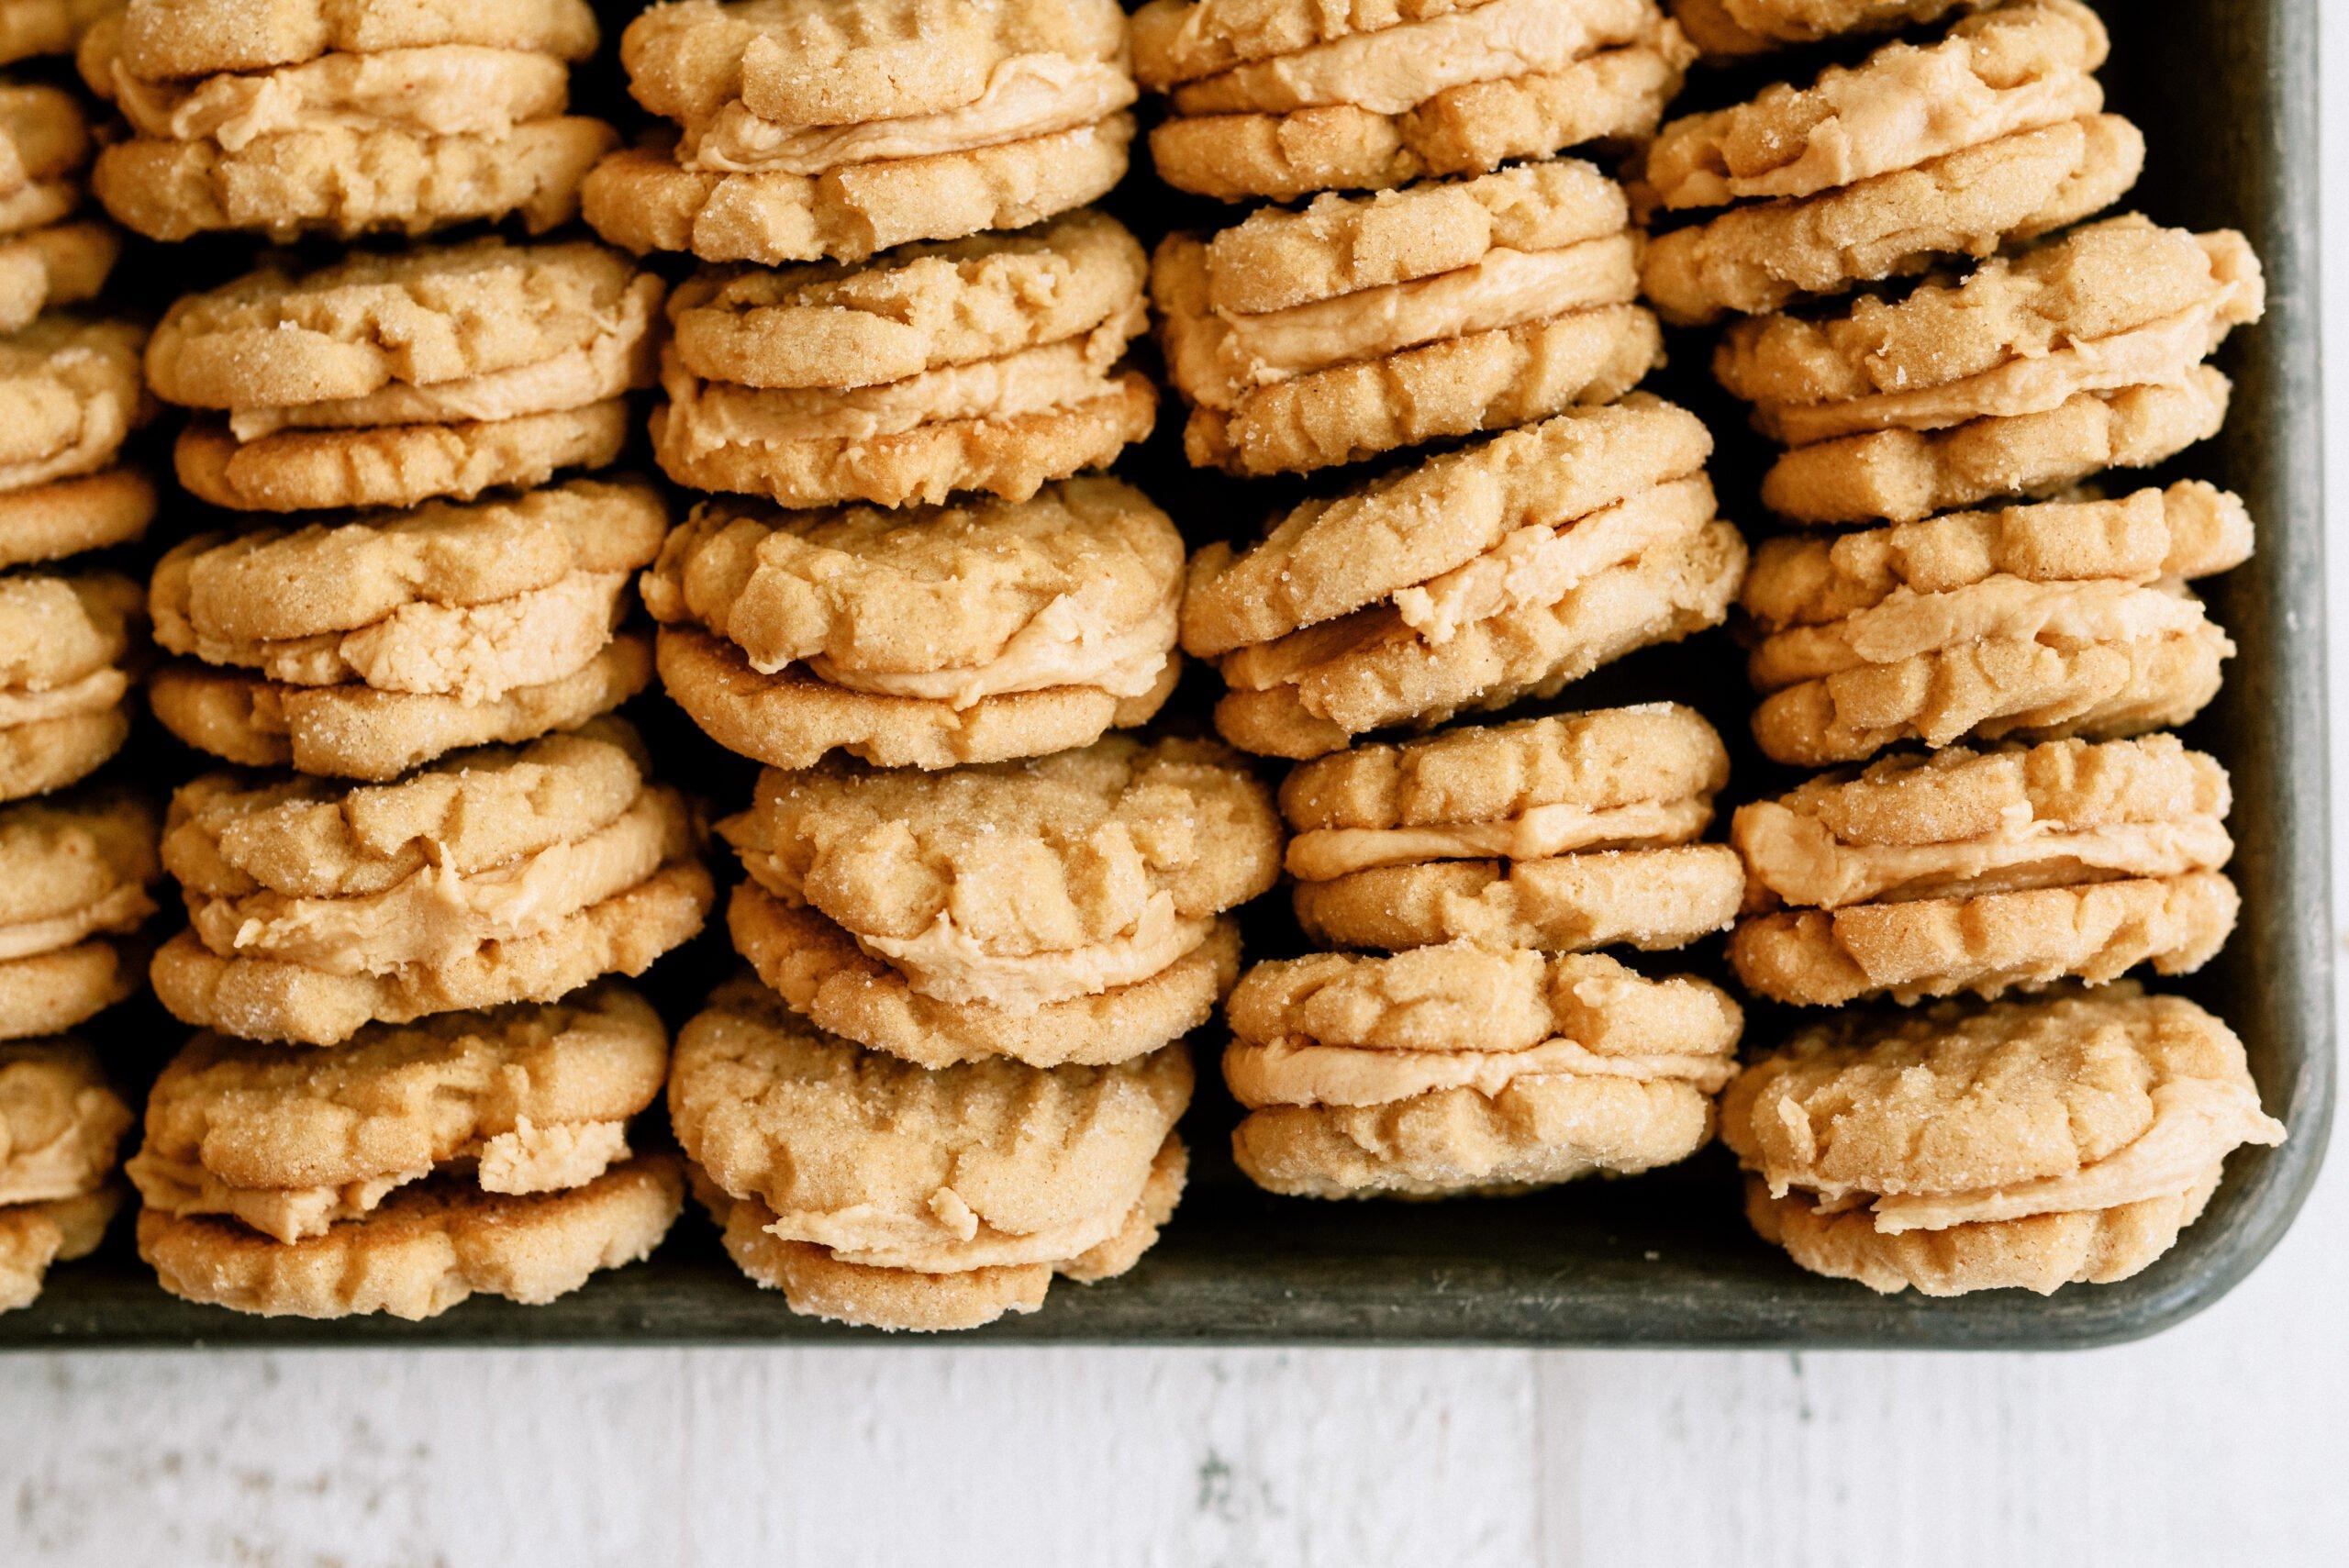 homemade nutter butter cookies in a sheet pan